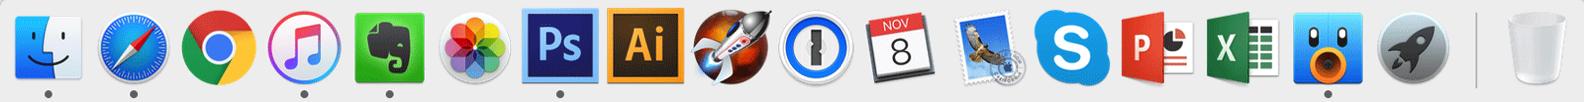 MacBook Proドック